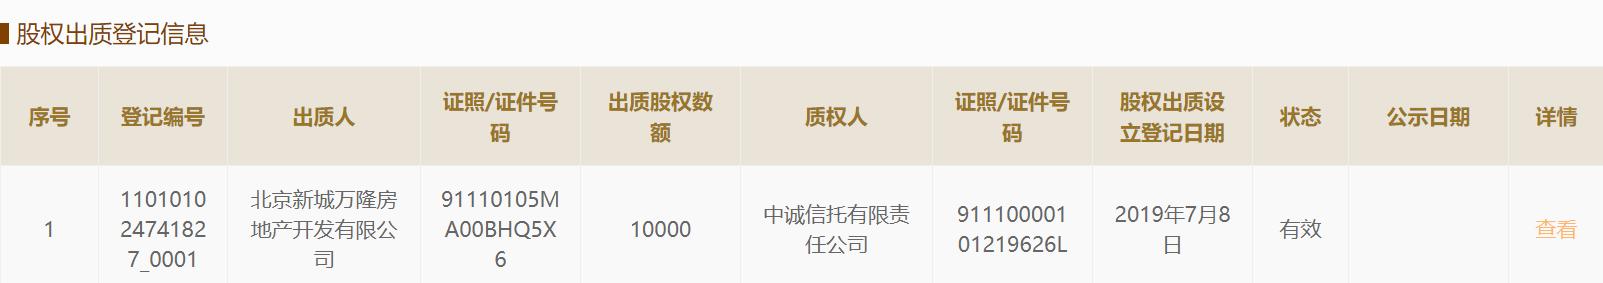 新城旗下公司股权出质予中诚信托 去年在京大举拿地